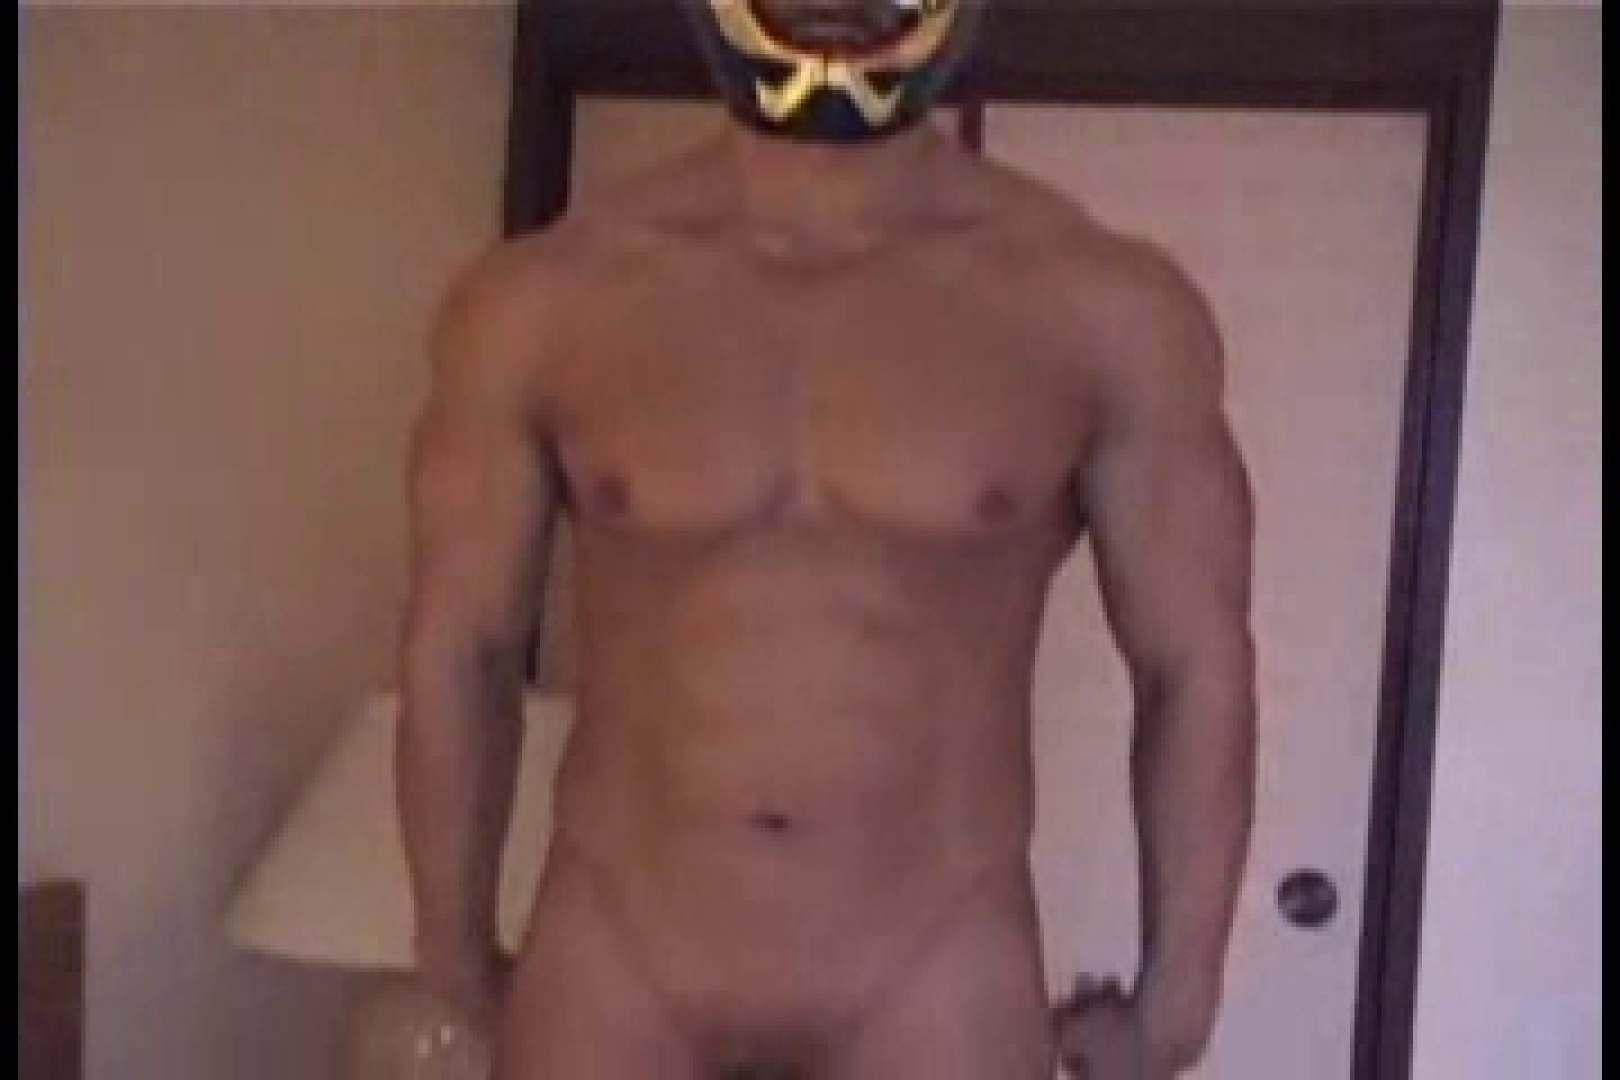 性器の味方ムキムキ覆面マッチョマン 肉 ゲイSEX画像 106画像 23